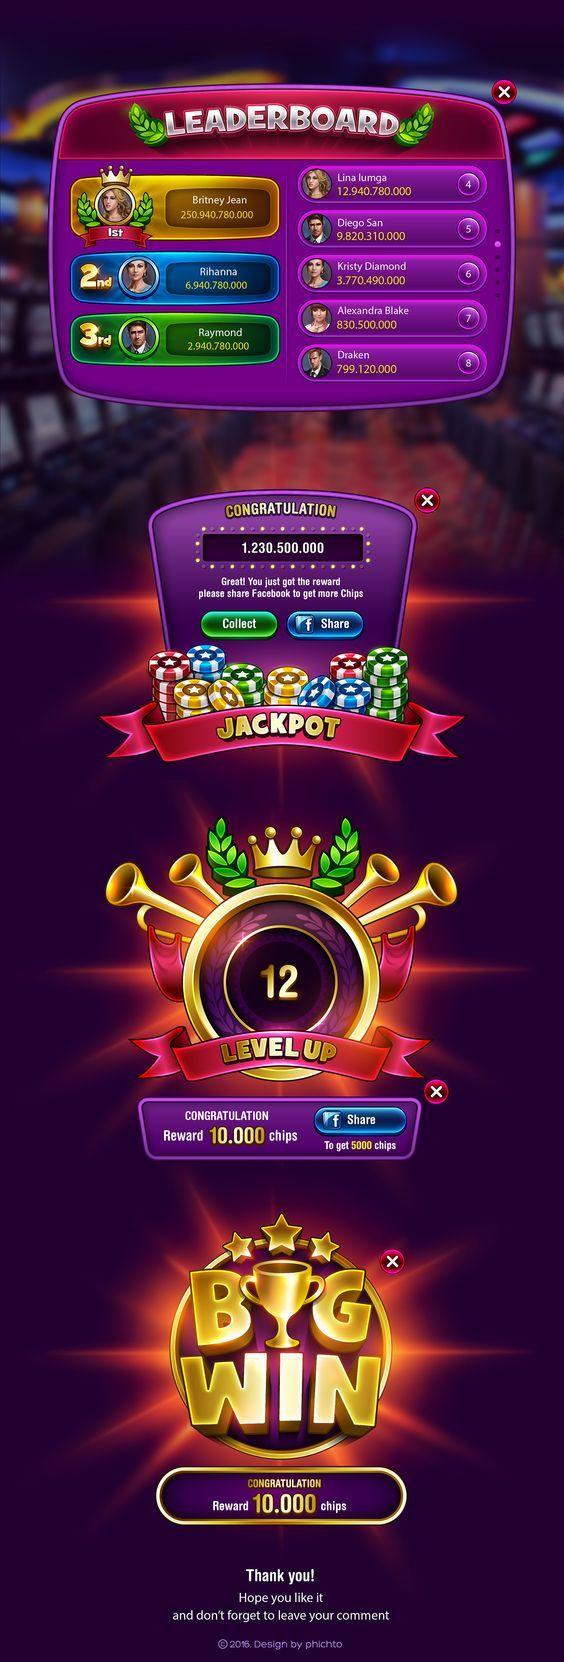 The New Video Poker & Blackjack 2.0 on Behance: